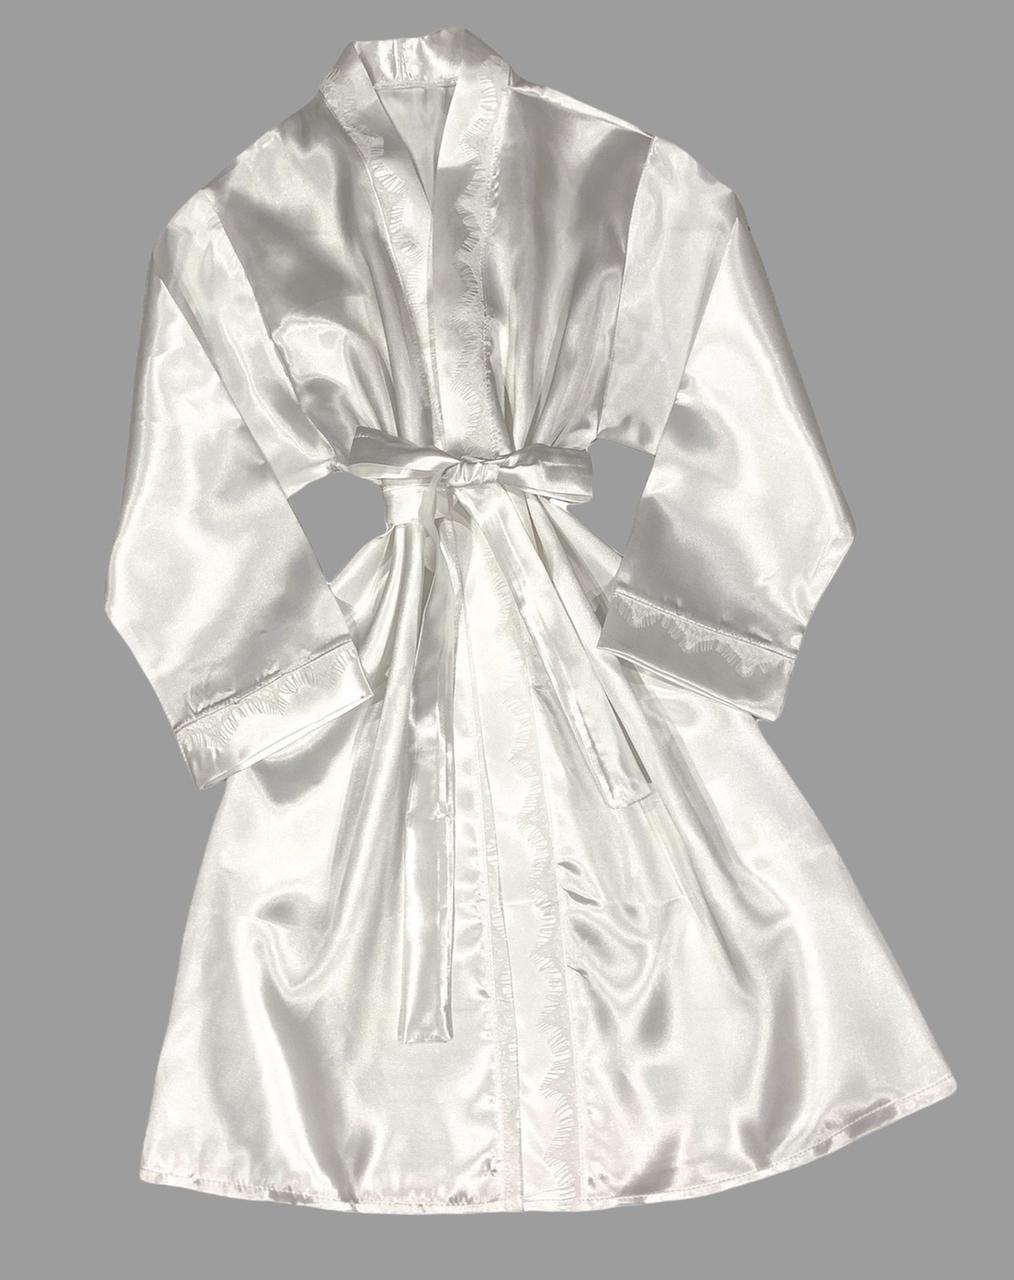 Белый халат атлас женский с кружевом